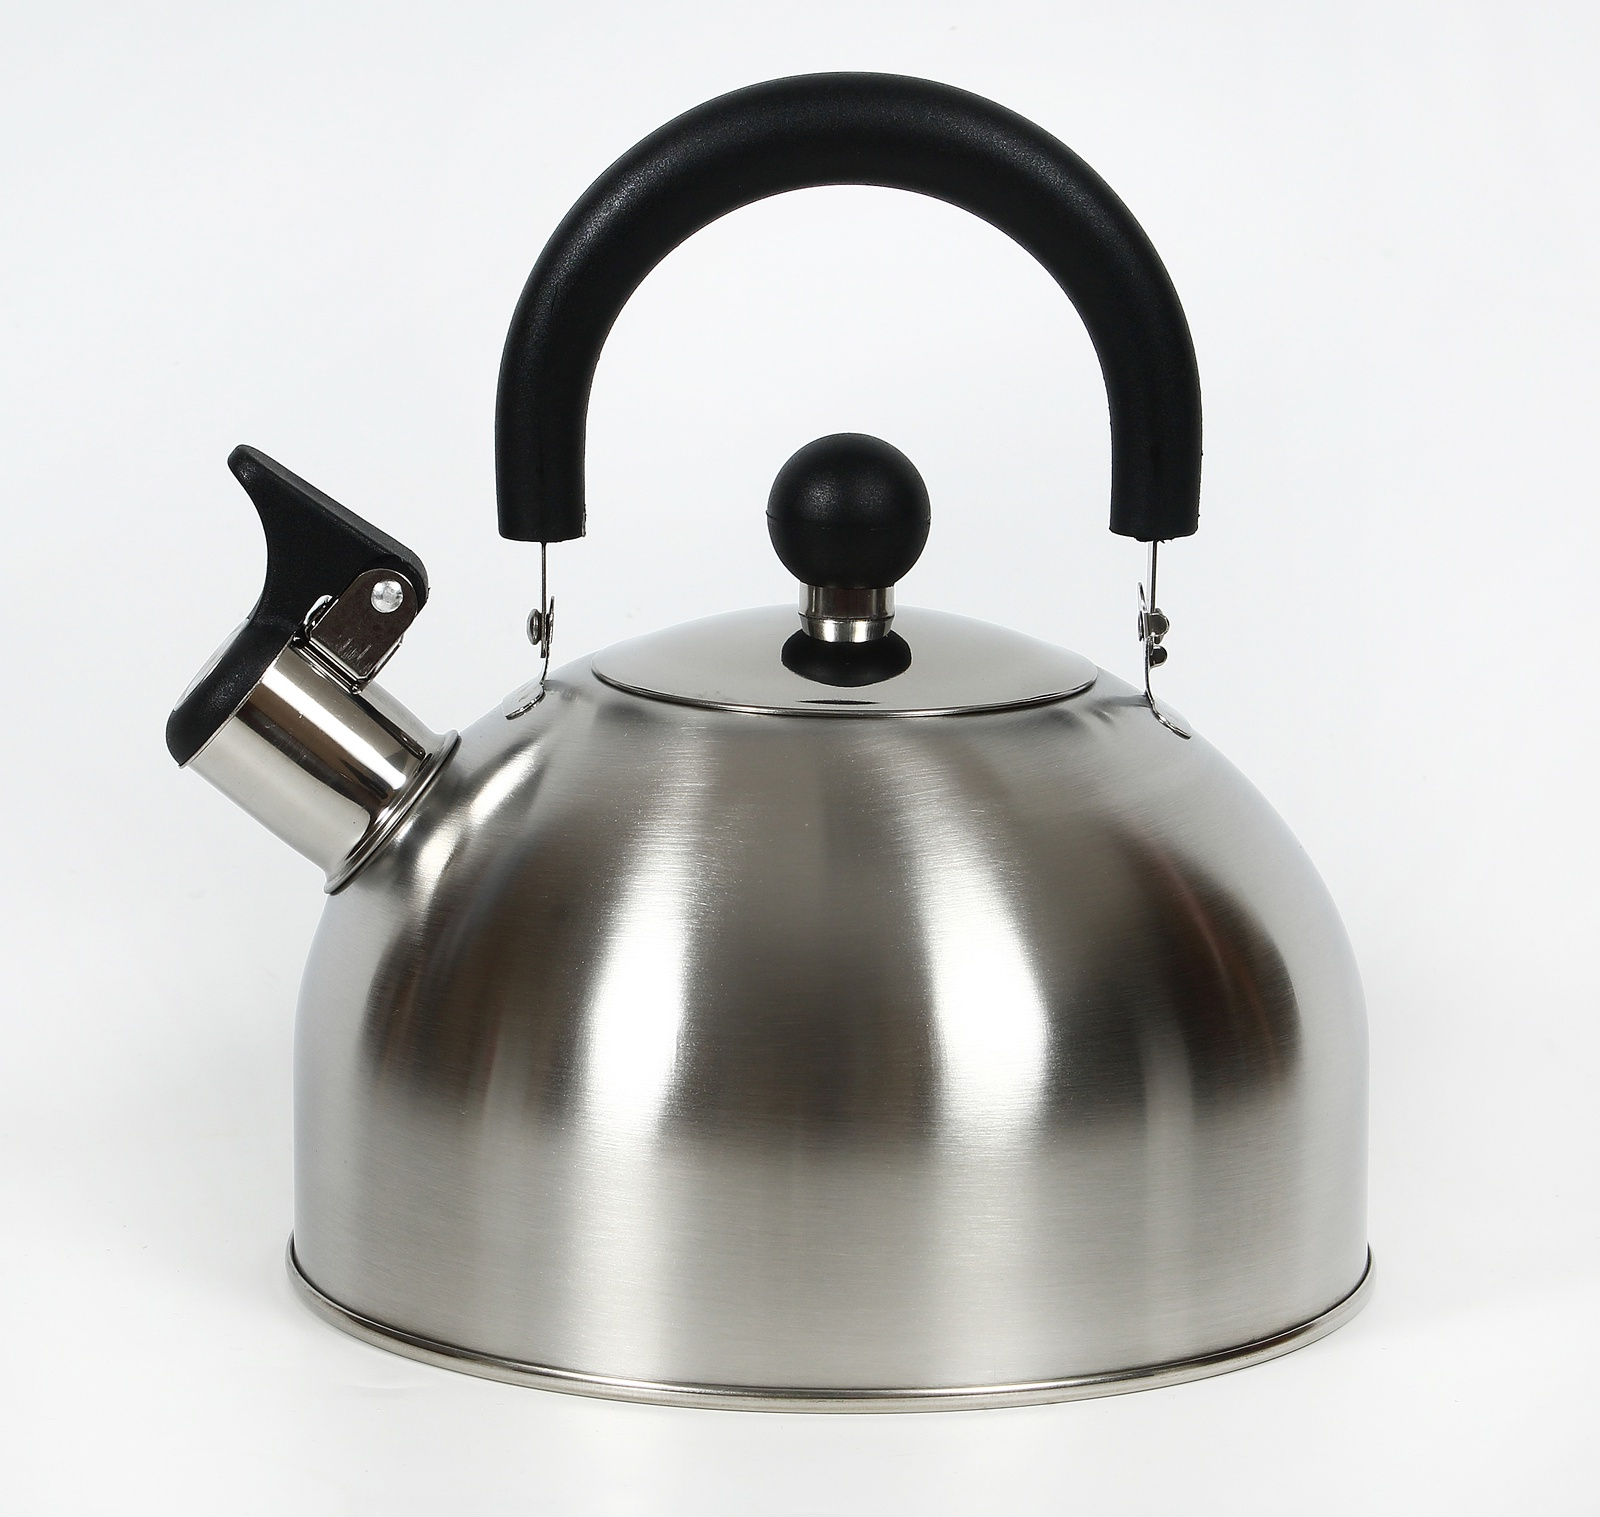 Чайник КС со свистком, 333-RY-7, металлический, черный, 2.5 л цена